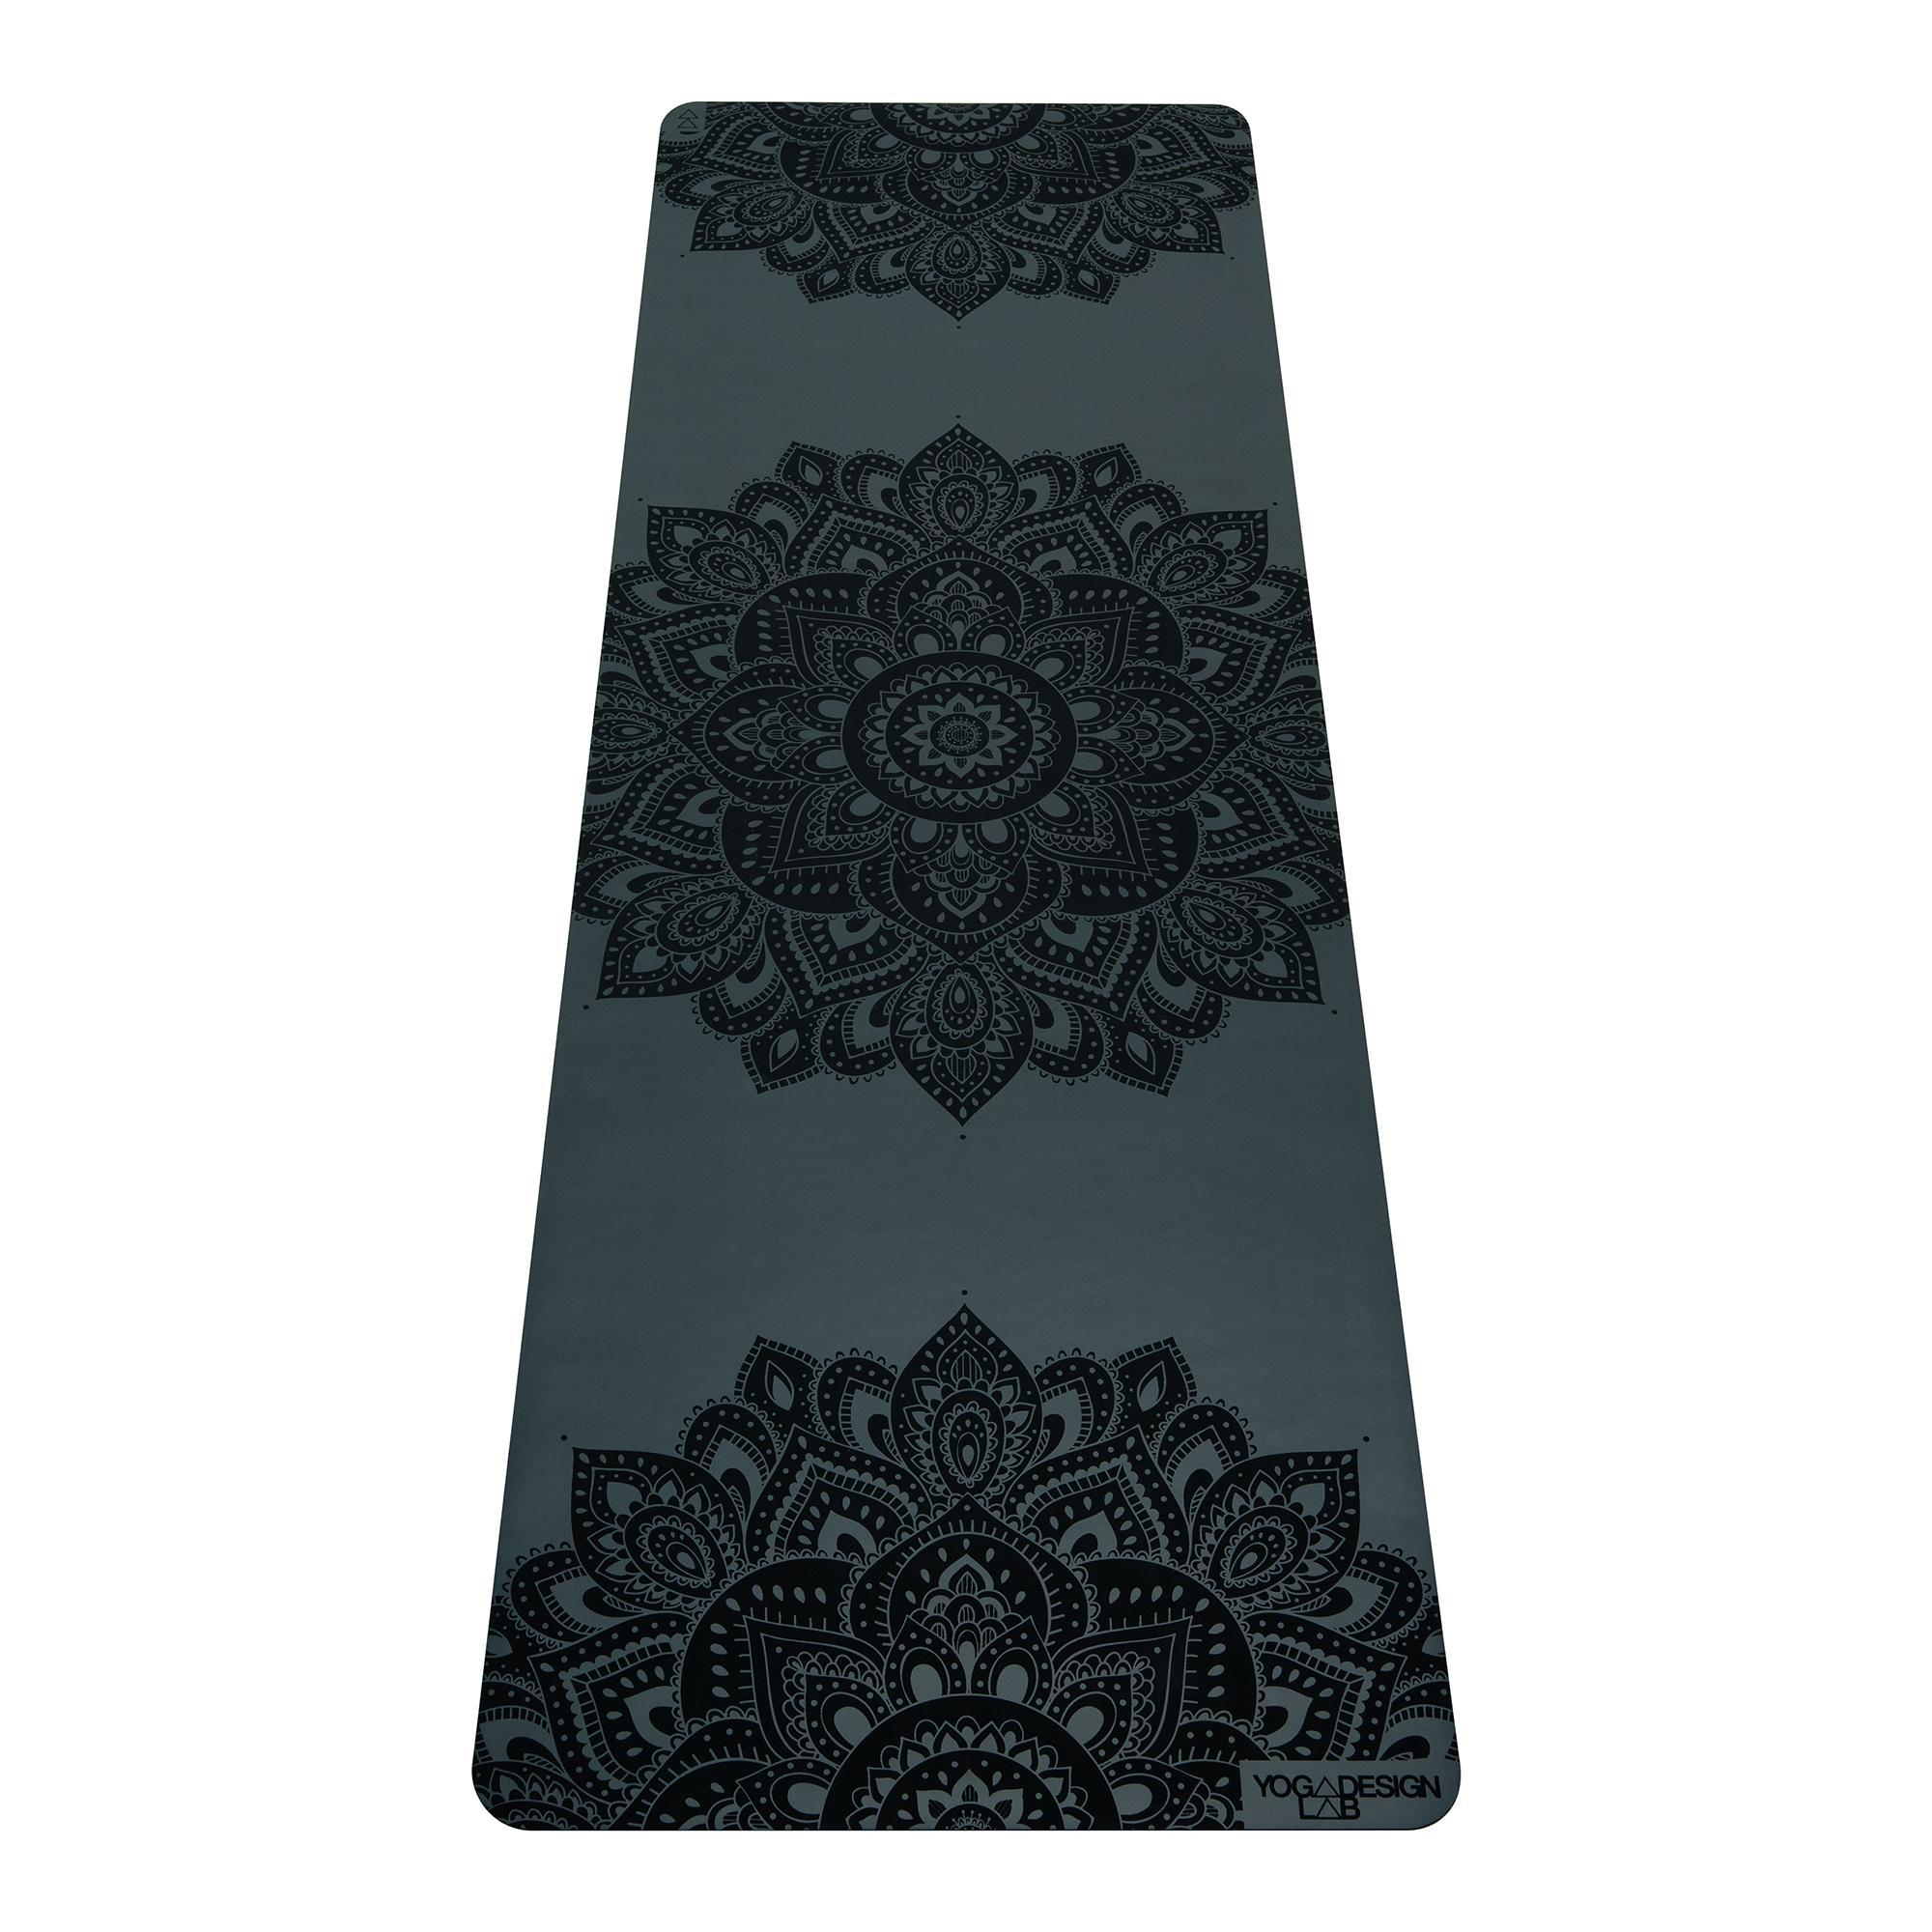 3.0mm Infinity Yoga Mat - Mandala Charcoal